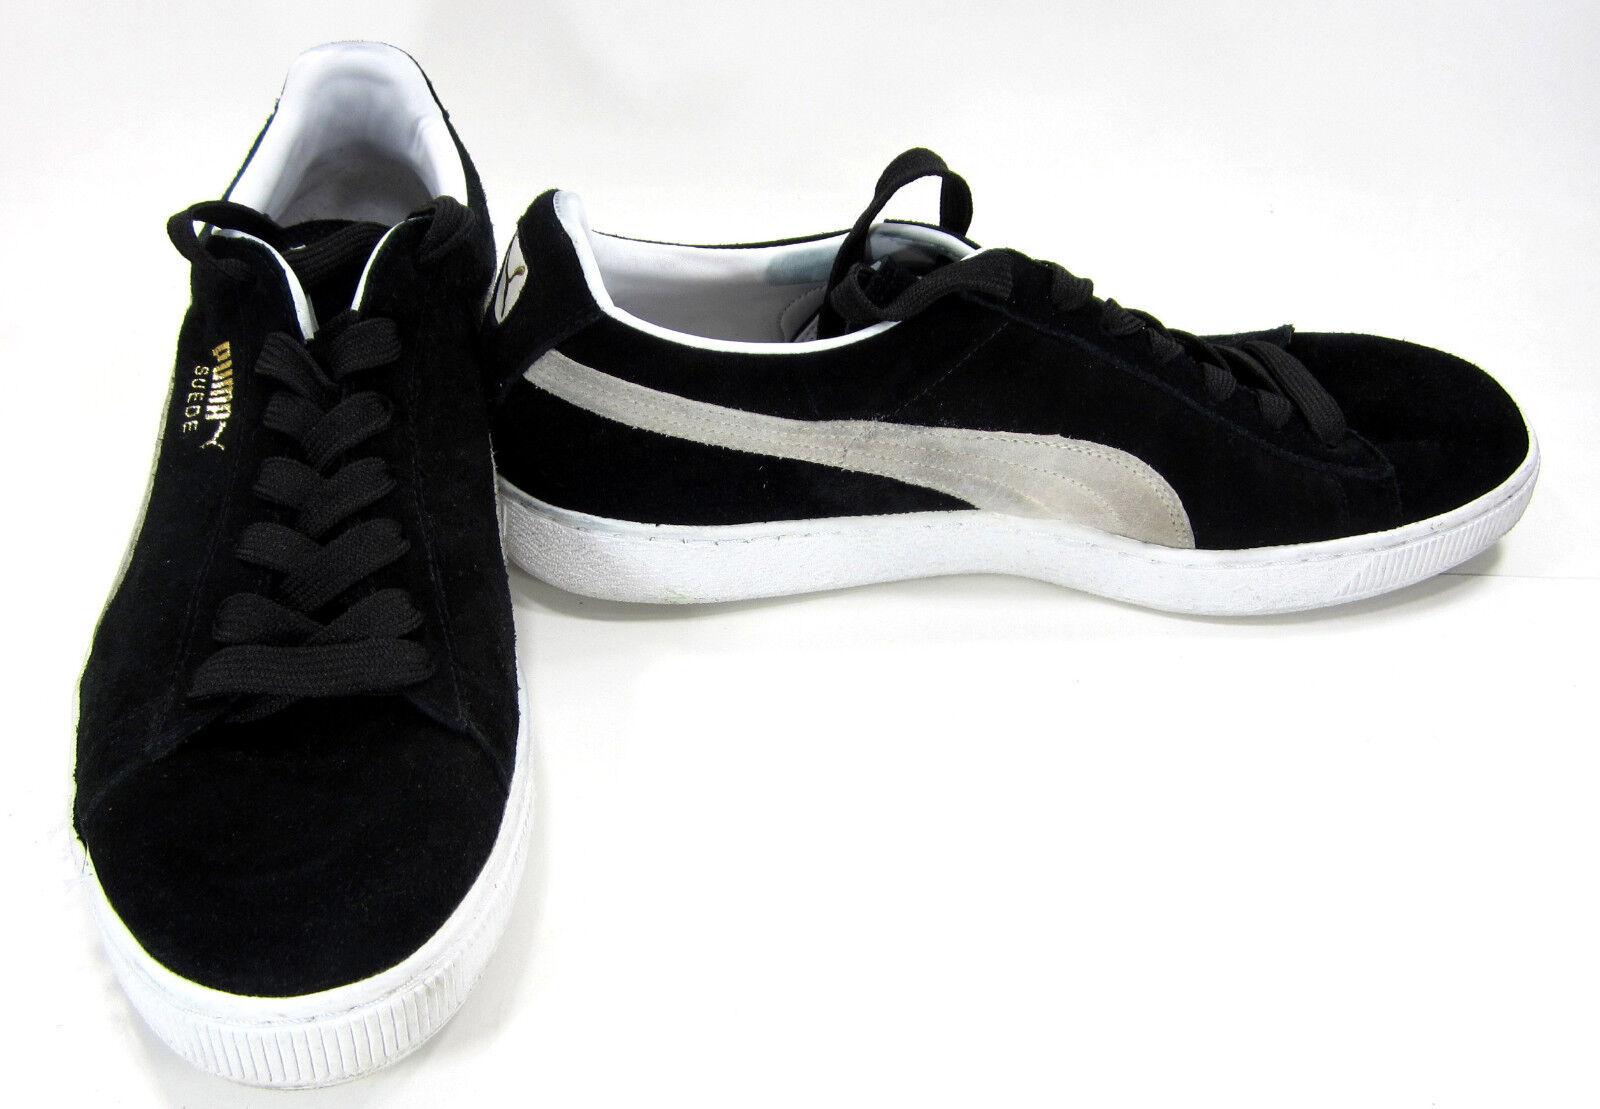 Puma Zapatos  Negro Gamuza Clásico  Eco Negro  Zapatillas Tamaño 9.5 689ad1